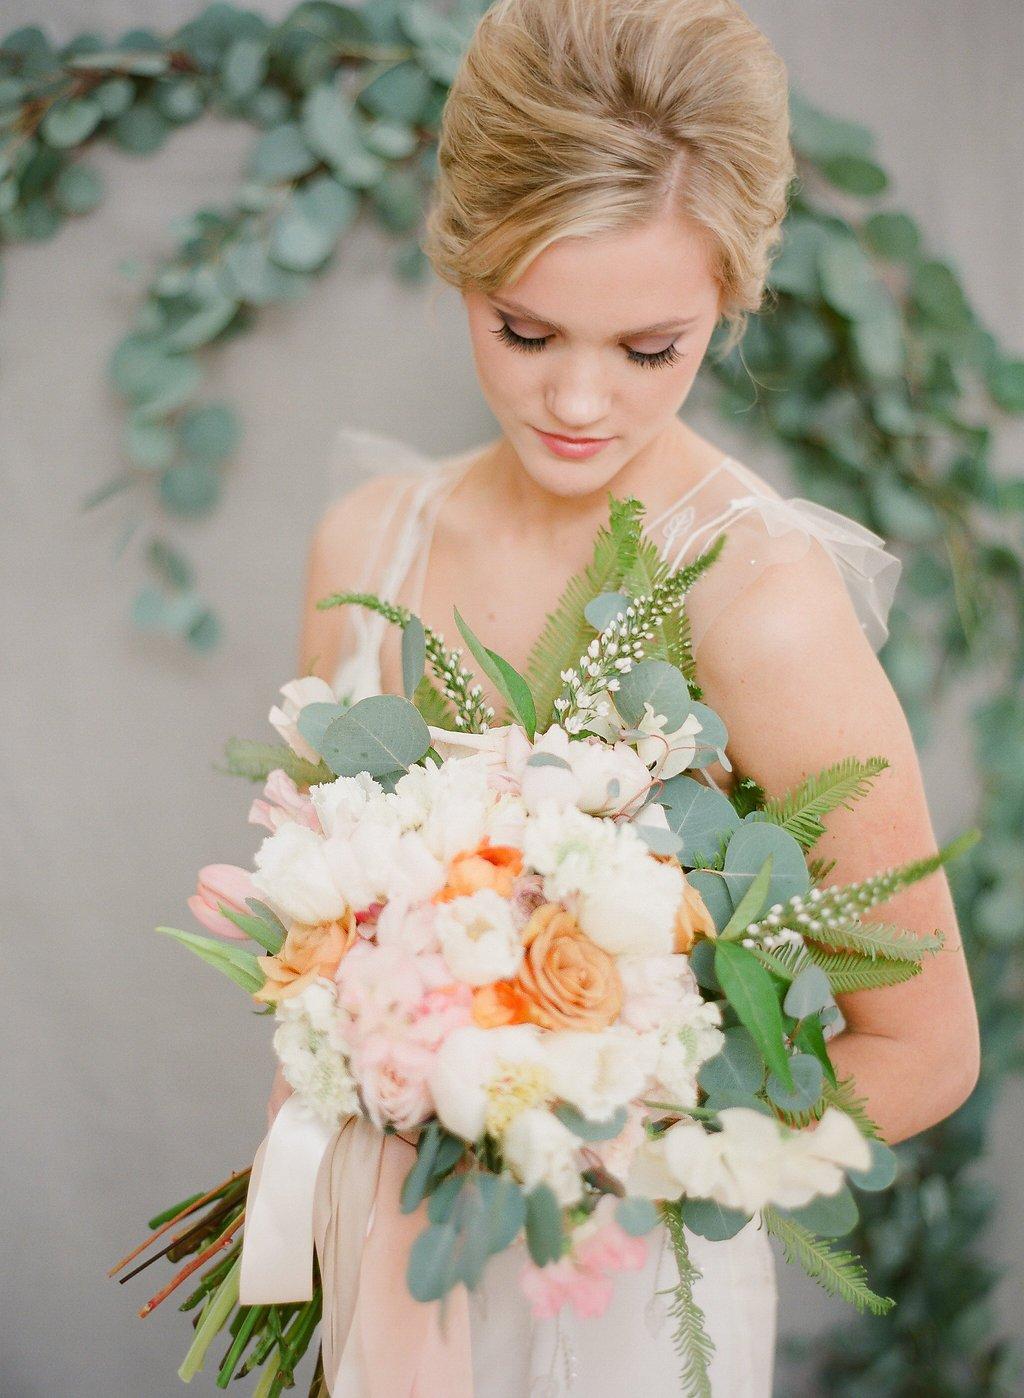 Die aktuellen Tendenzen beim Hochzeit-Dekorieren zeigen, dass die aktuellen Farben und Nuancen für 2018 die Pastellfarben wieder bleiben